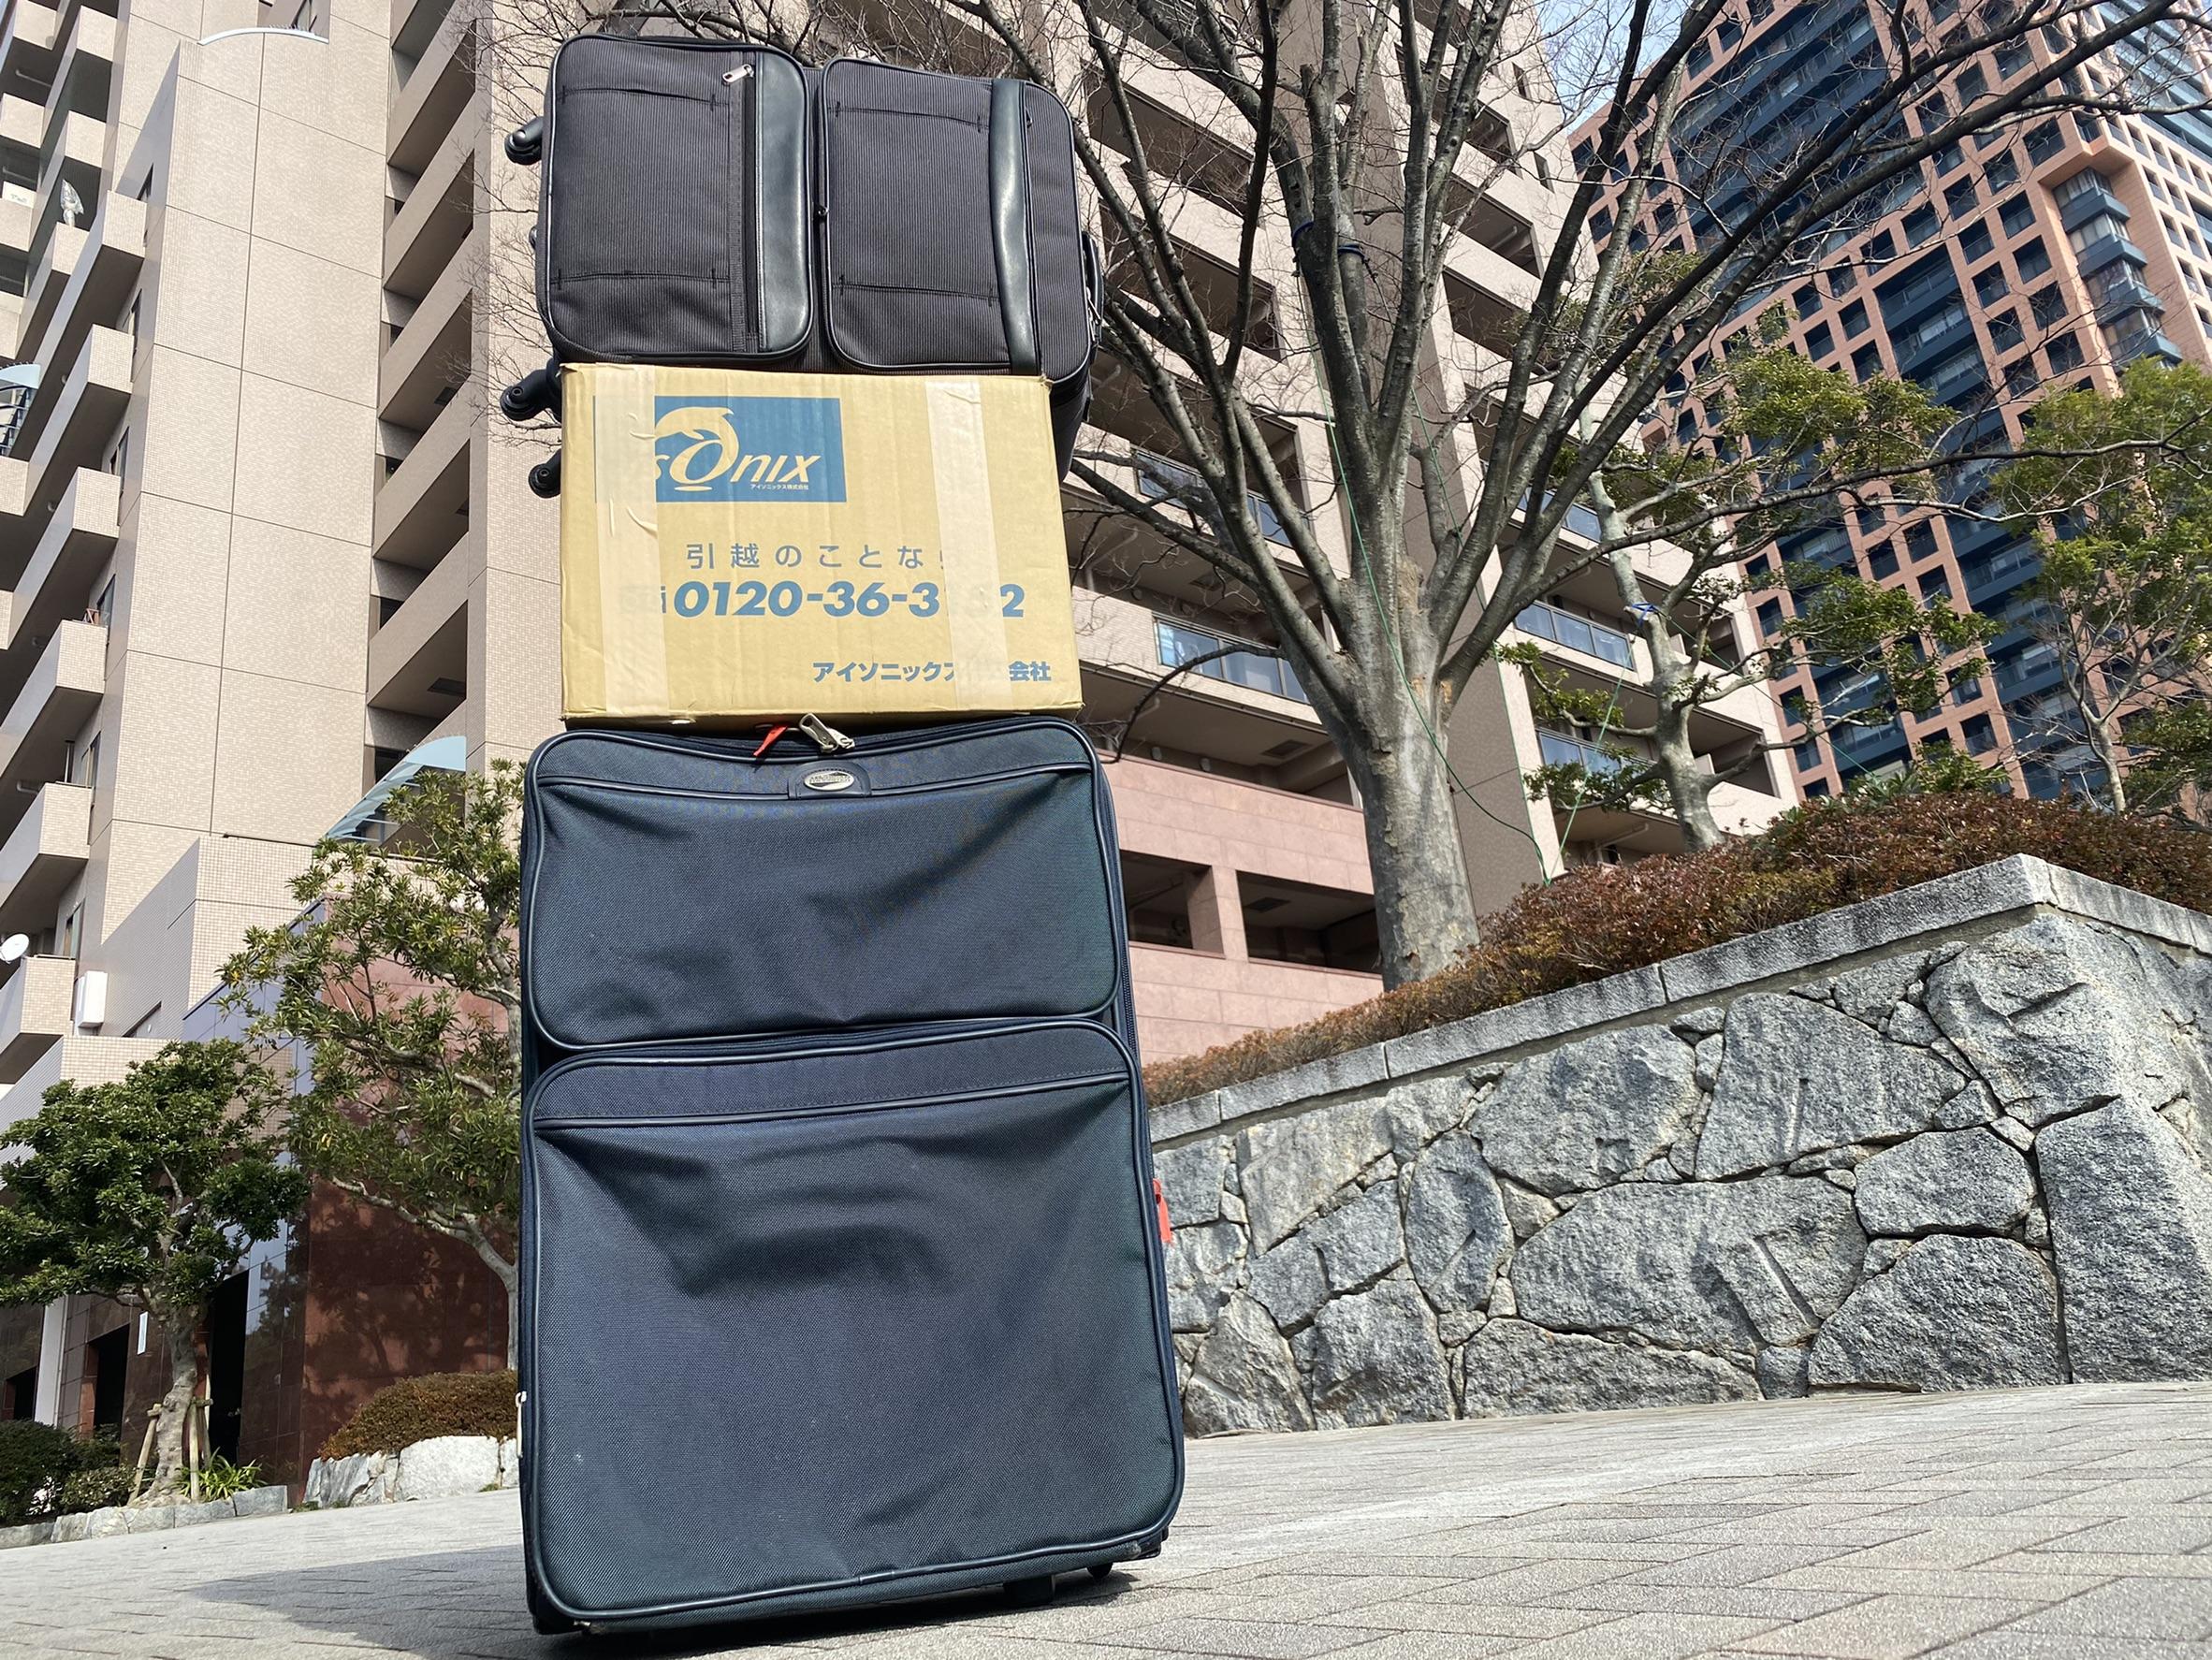 福岡県福岡市のスーツケースの回収前